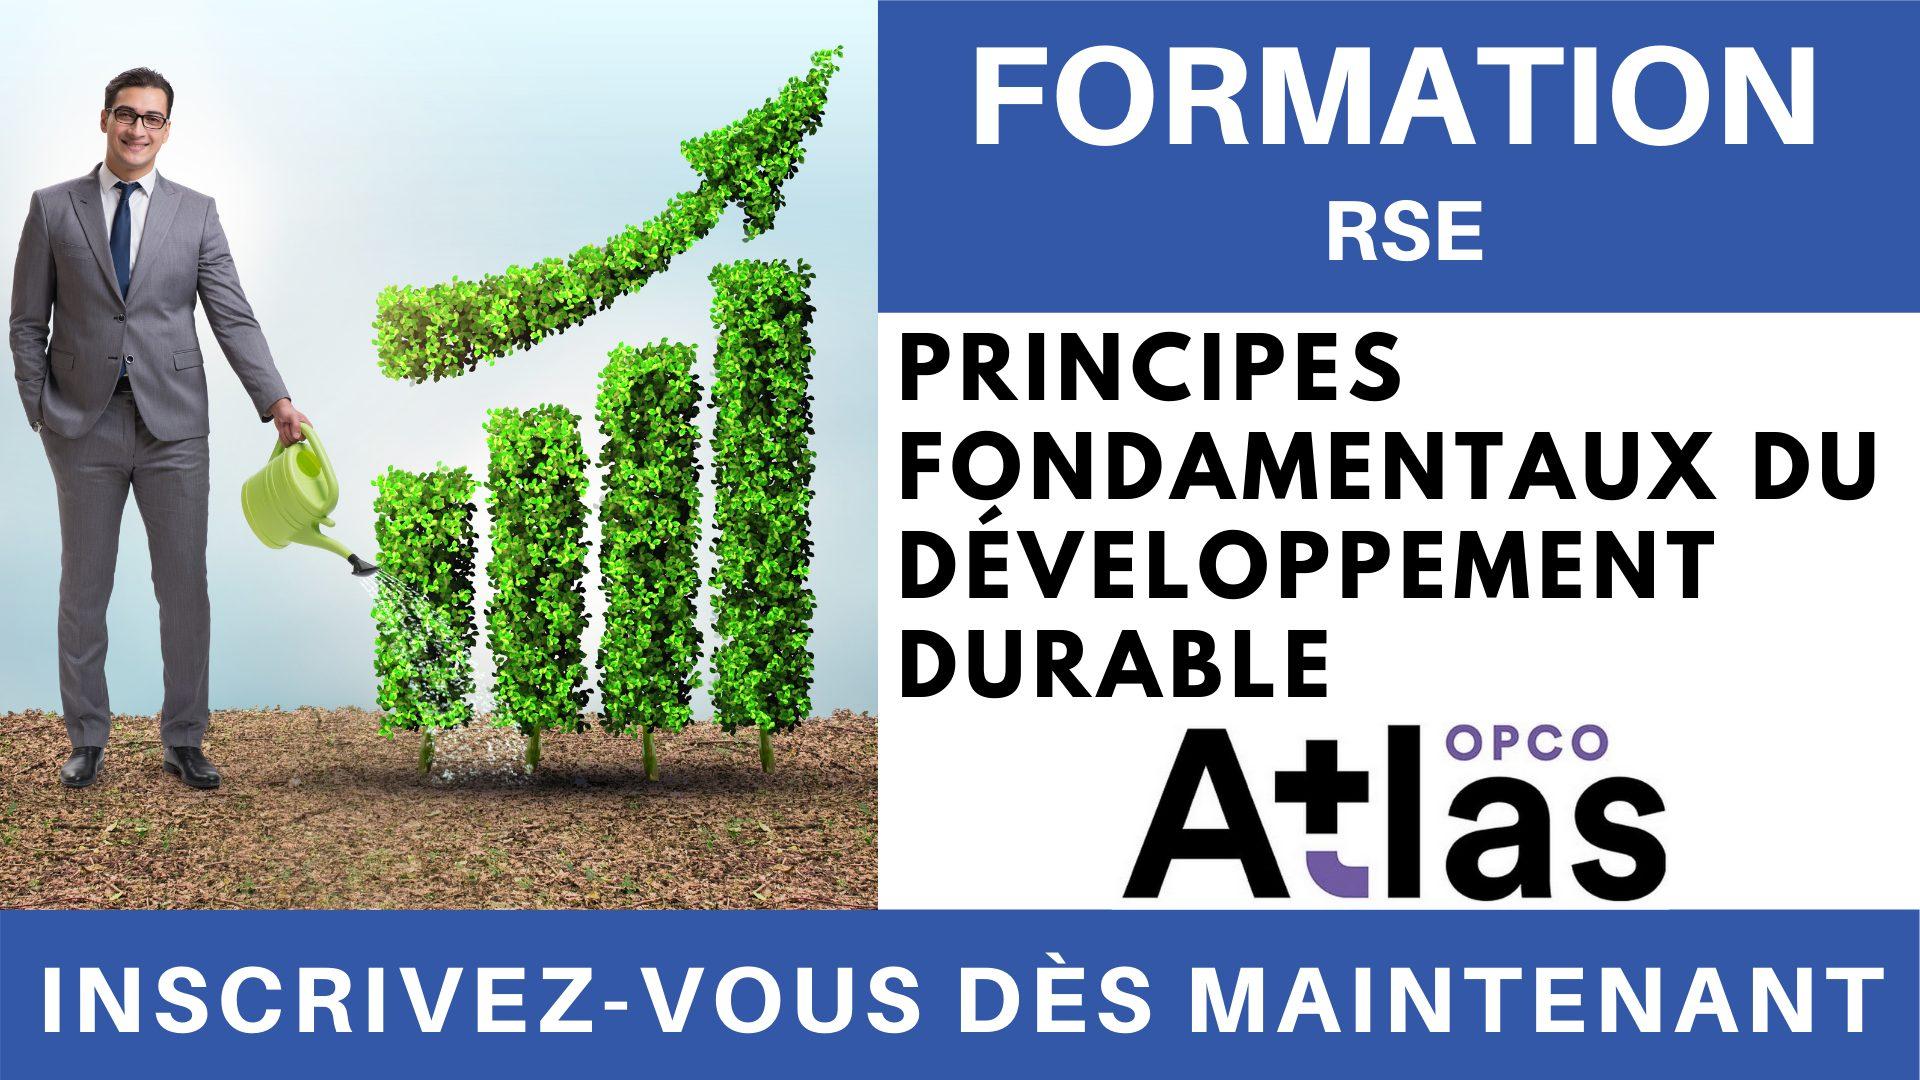 Formation RSE - Principes fondamentaux du développement durable